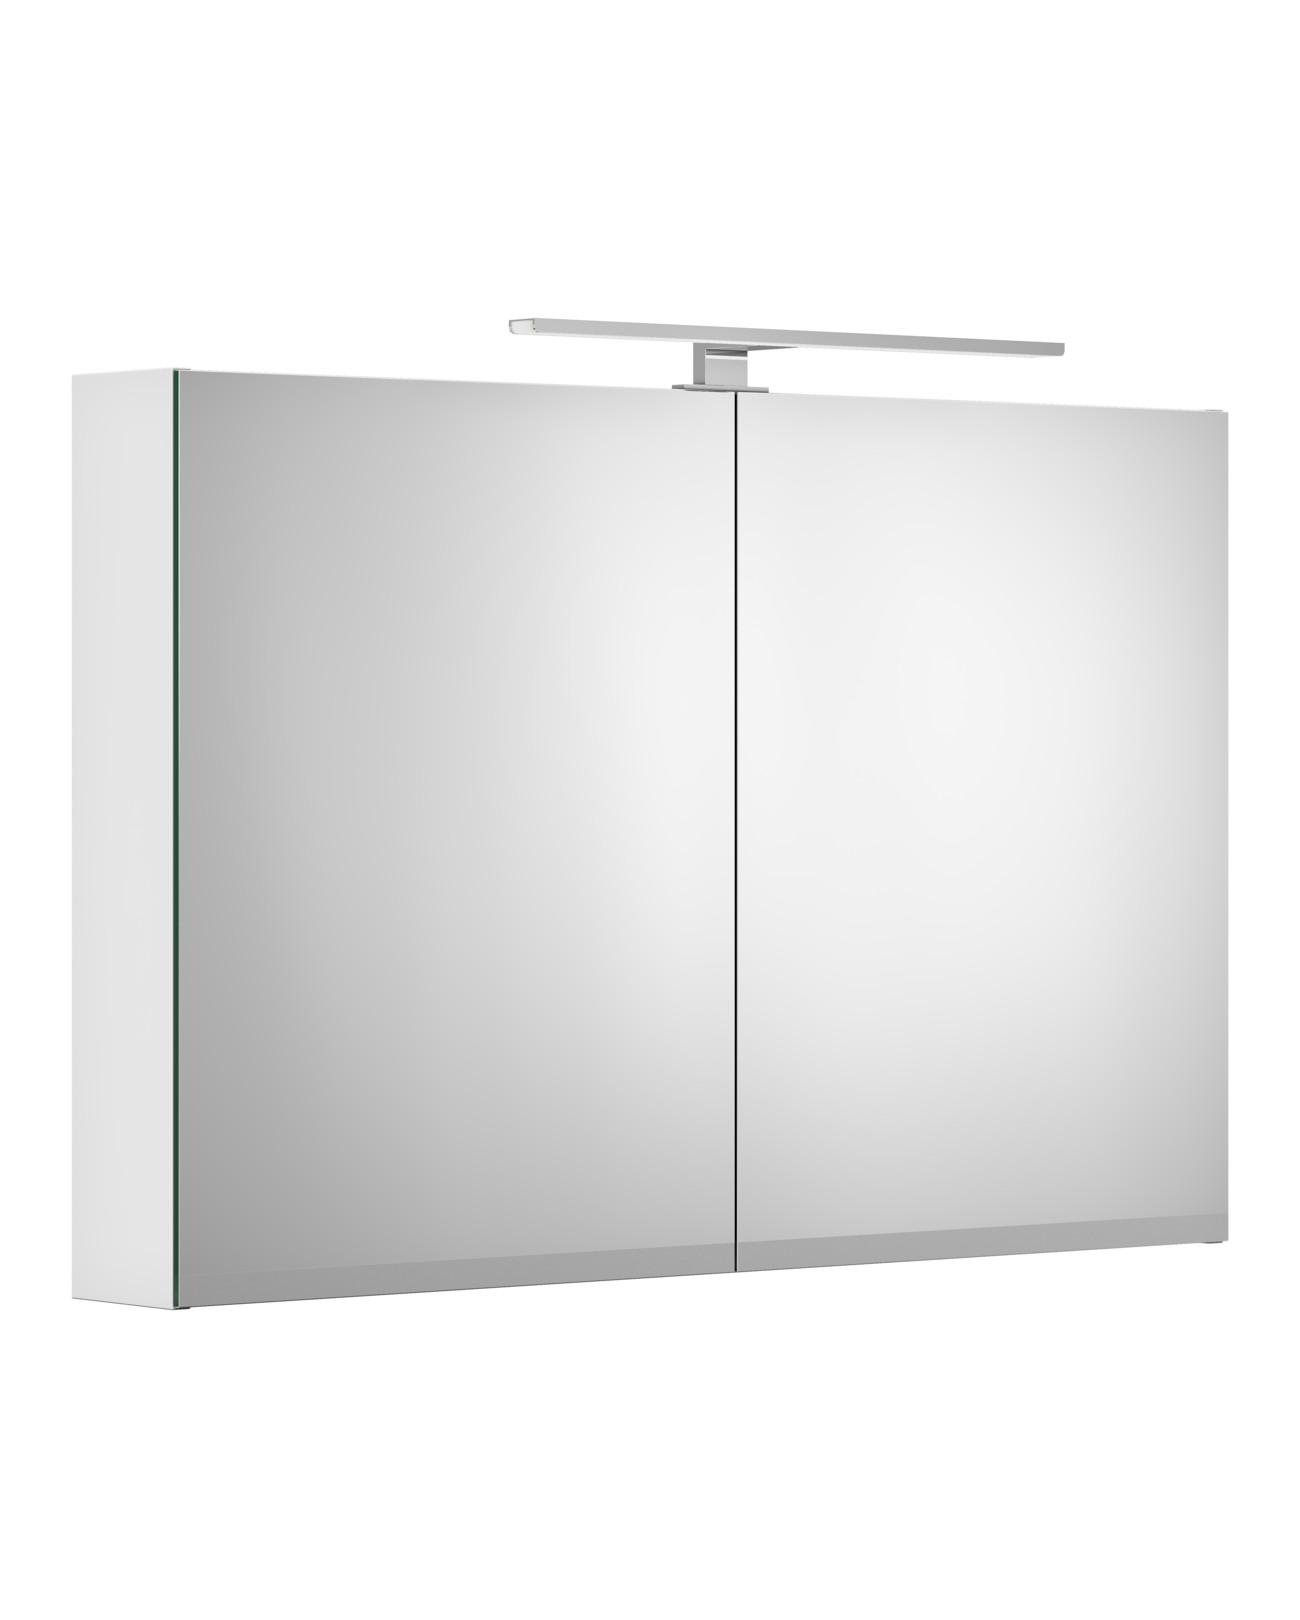 Spegelskåp   design och kvalitet   gustavsberg